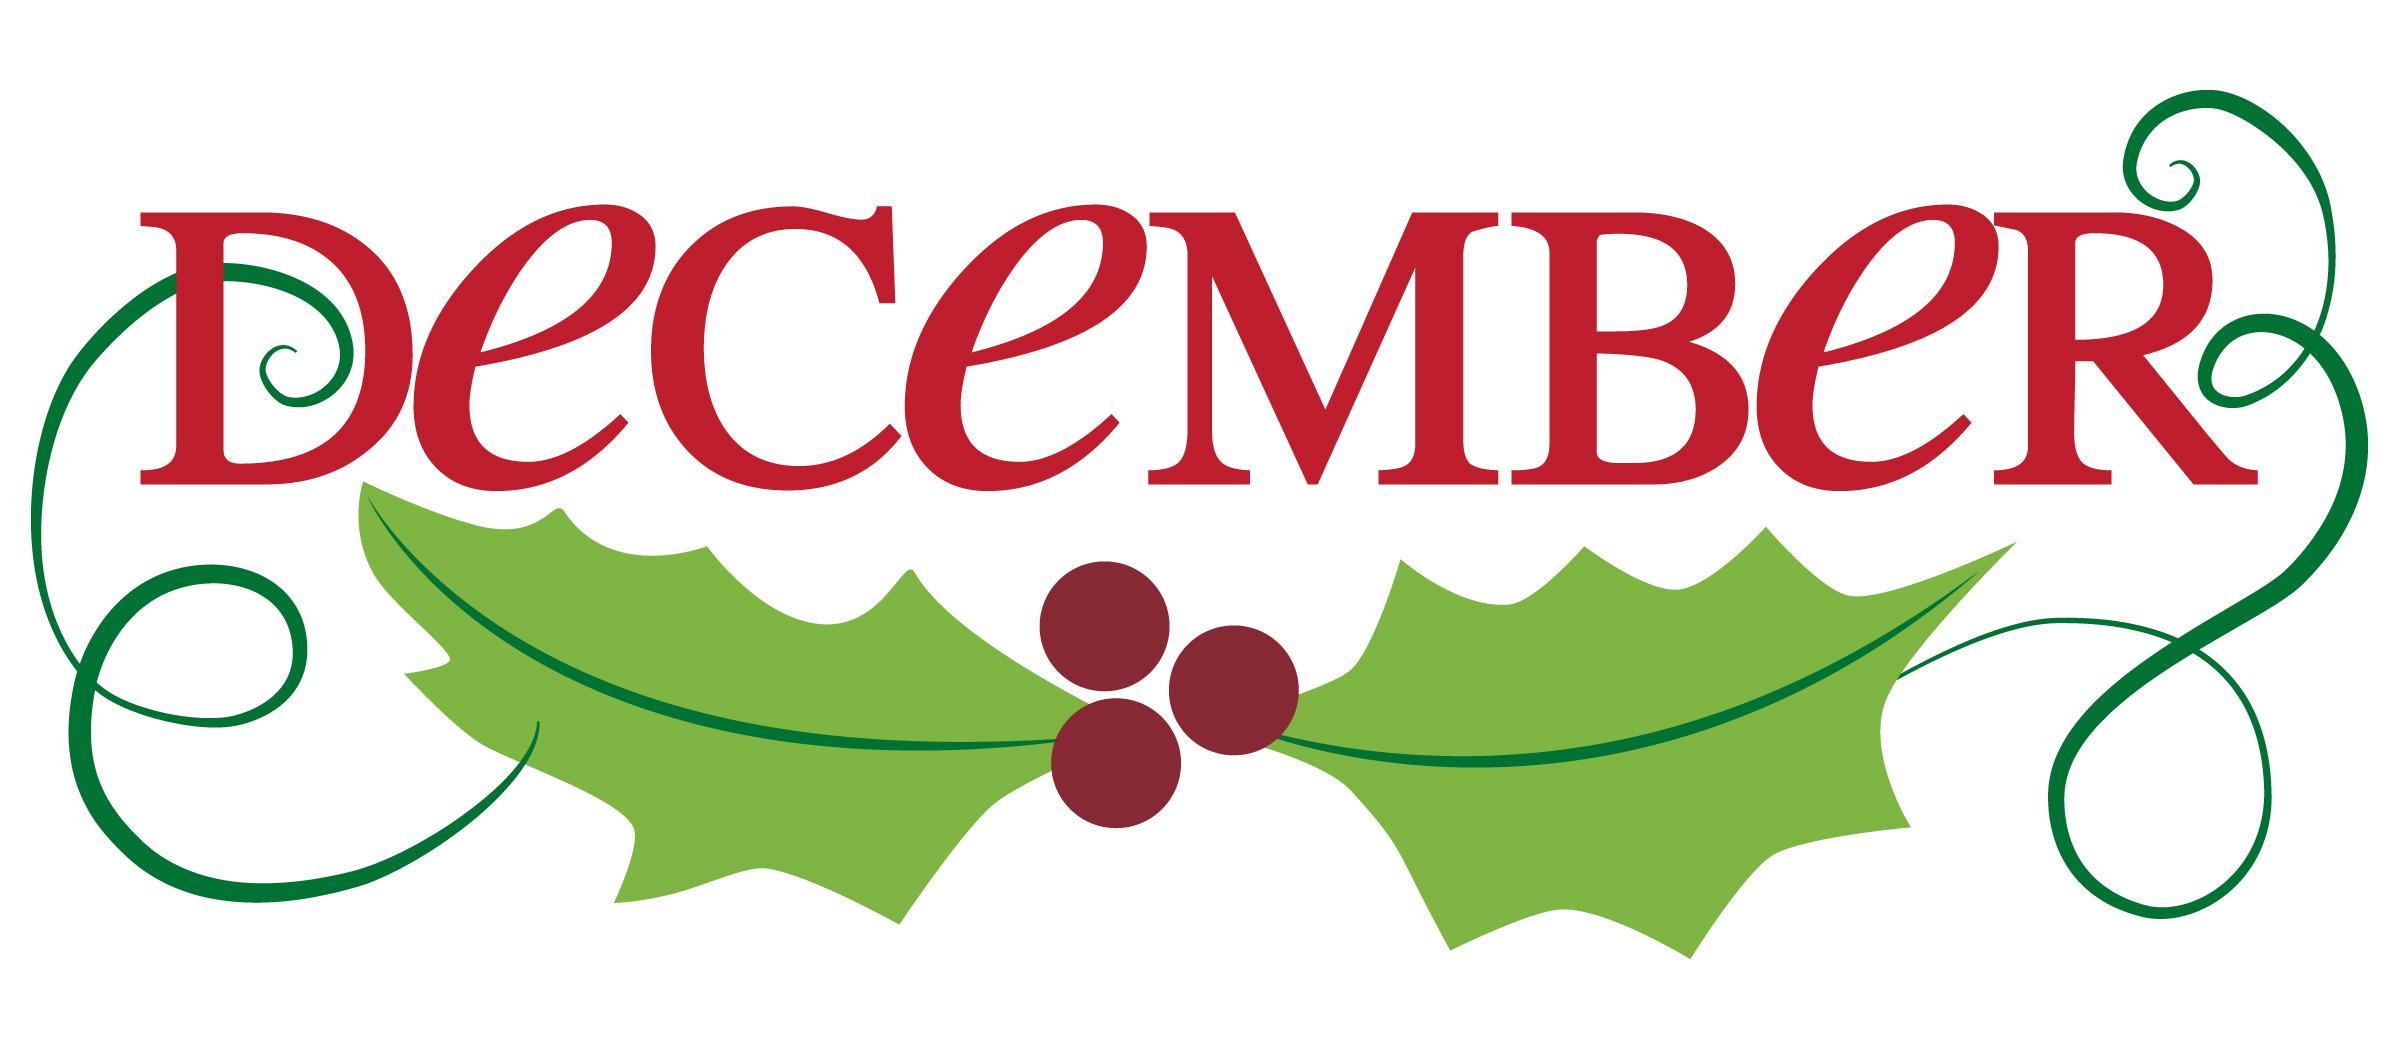 2400x1050 Free December Calendar Clipart